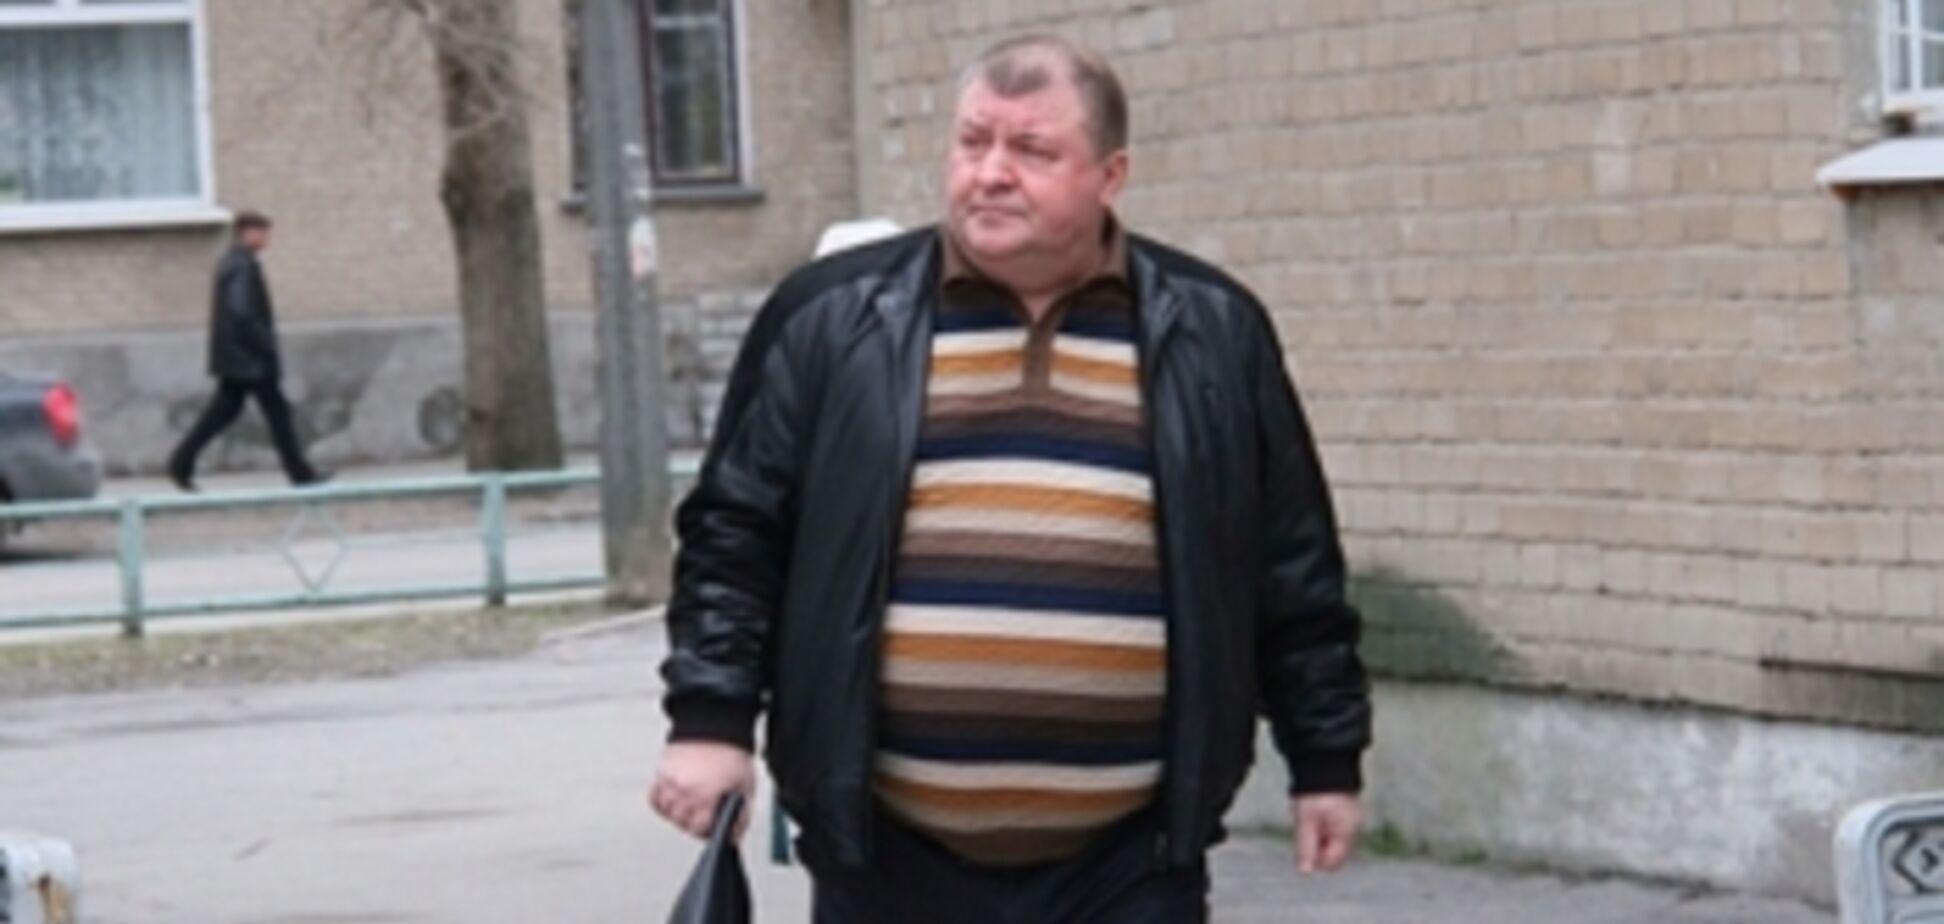 Мэр Мелитополя найден повешенным: милиция не исключает убийство